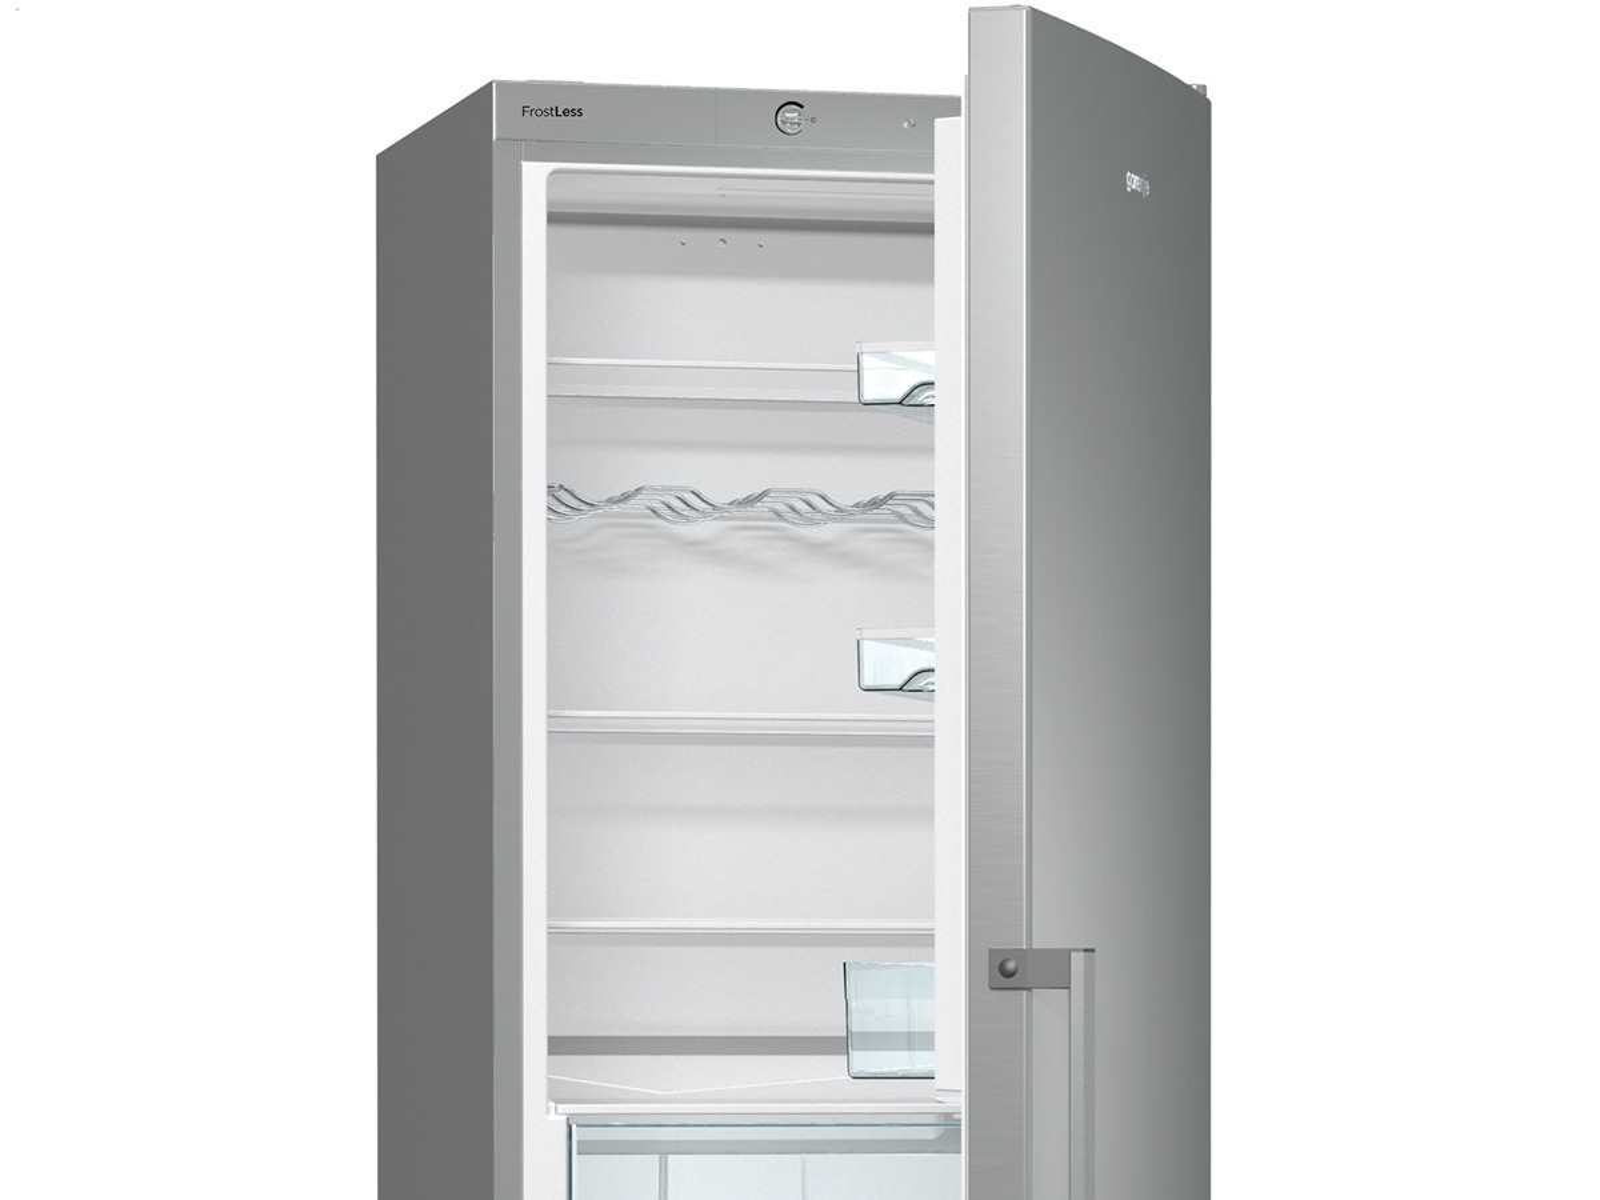 Gorenje Kühlschrank Gefrierkombination : Gorenje kühlschrank gefrierkombination gorenje onrk c l